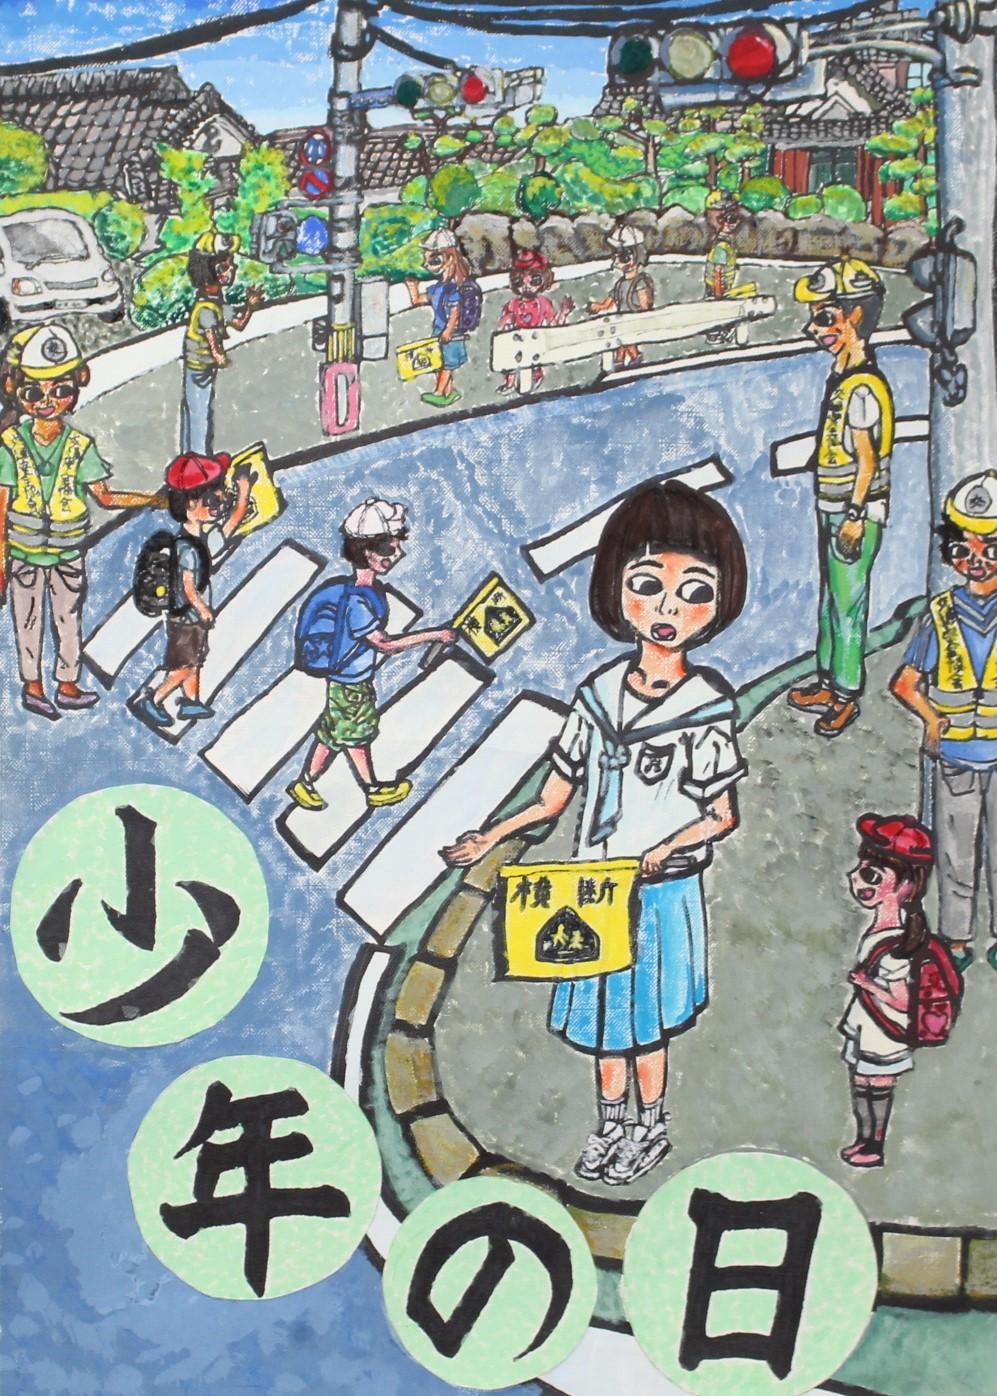 優秀賞-都城市立山之口中学校 1年 生駒 陽菜(いこま はるな)さん